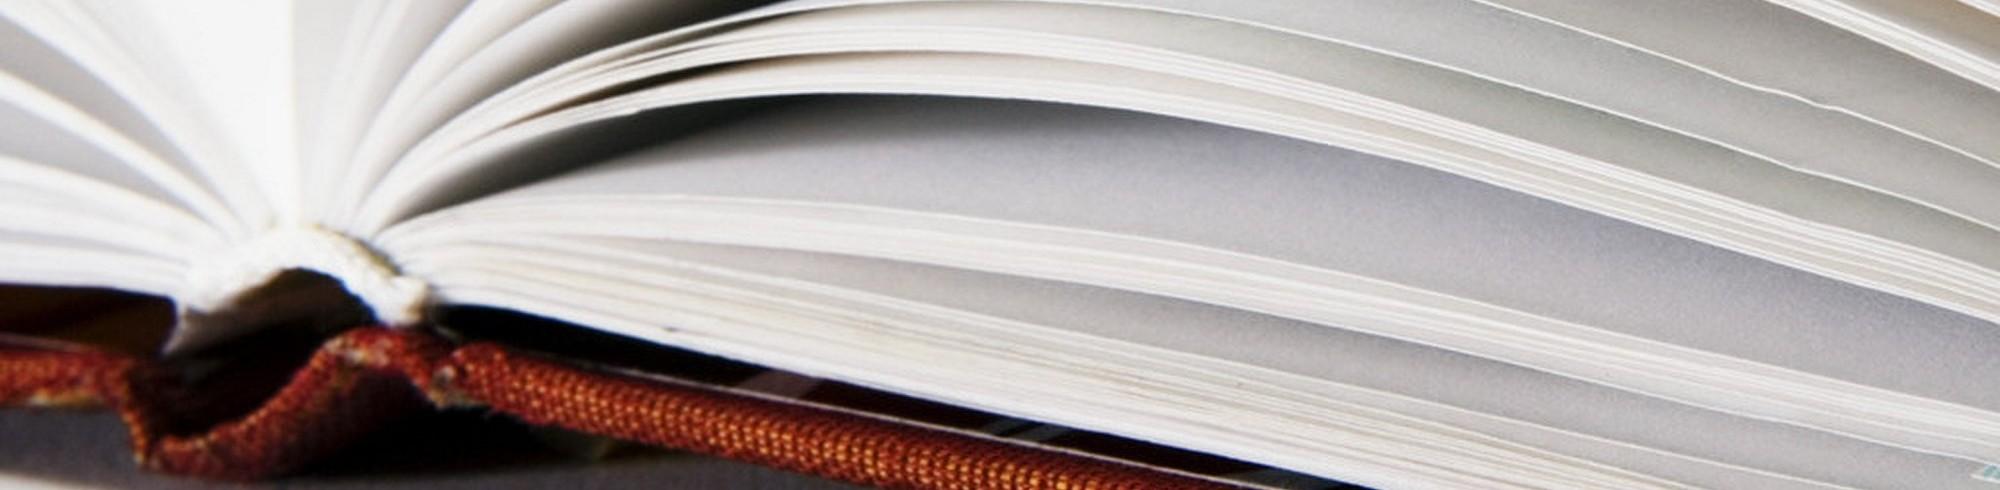 Gastenboek (1) (Kopie)